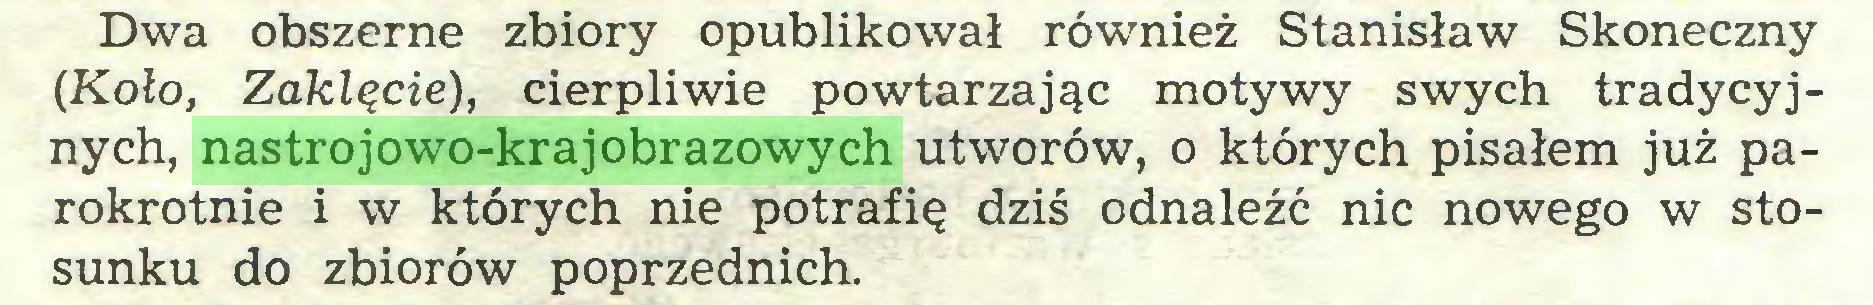 (...) Dwa obszerne zbiory opublikował również Stanisław Skoneczny (Koło, Zaklęcie), cierpliwie powtarzając motywy swych tradycyjnych, nastrojowo-krajobrazowych utworów, o których pisałem już parokrotnie i w których nie potrafię dziś odnaleźć nic nowego w stosunku do zbiorów poprzednich...